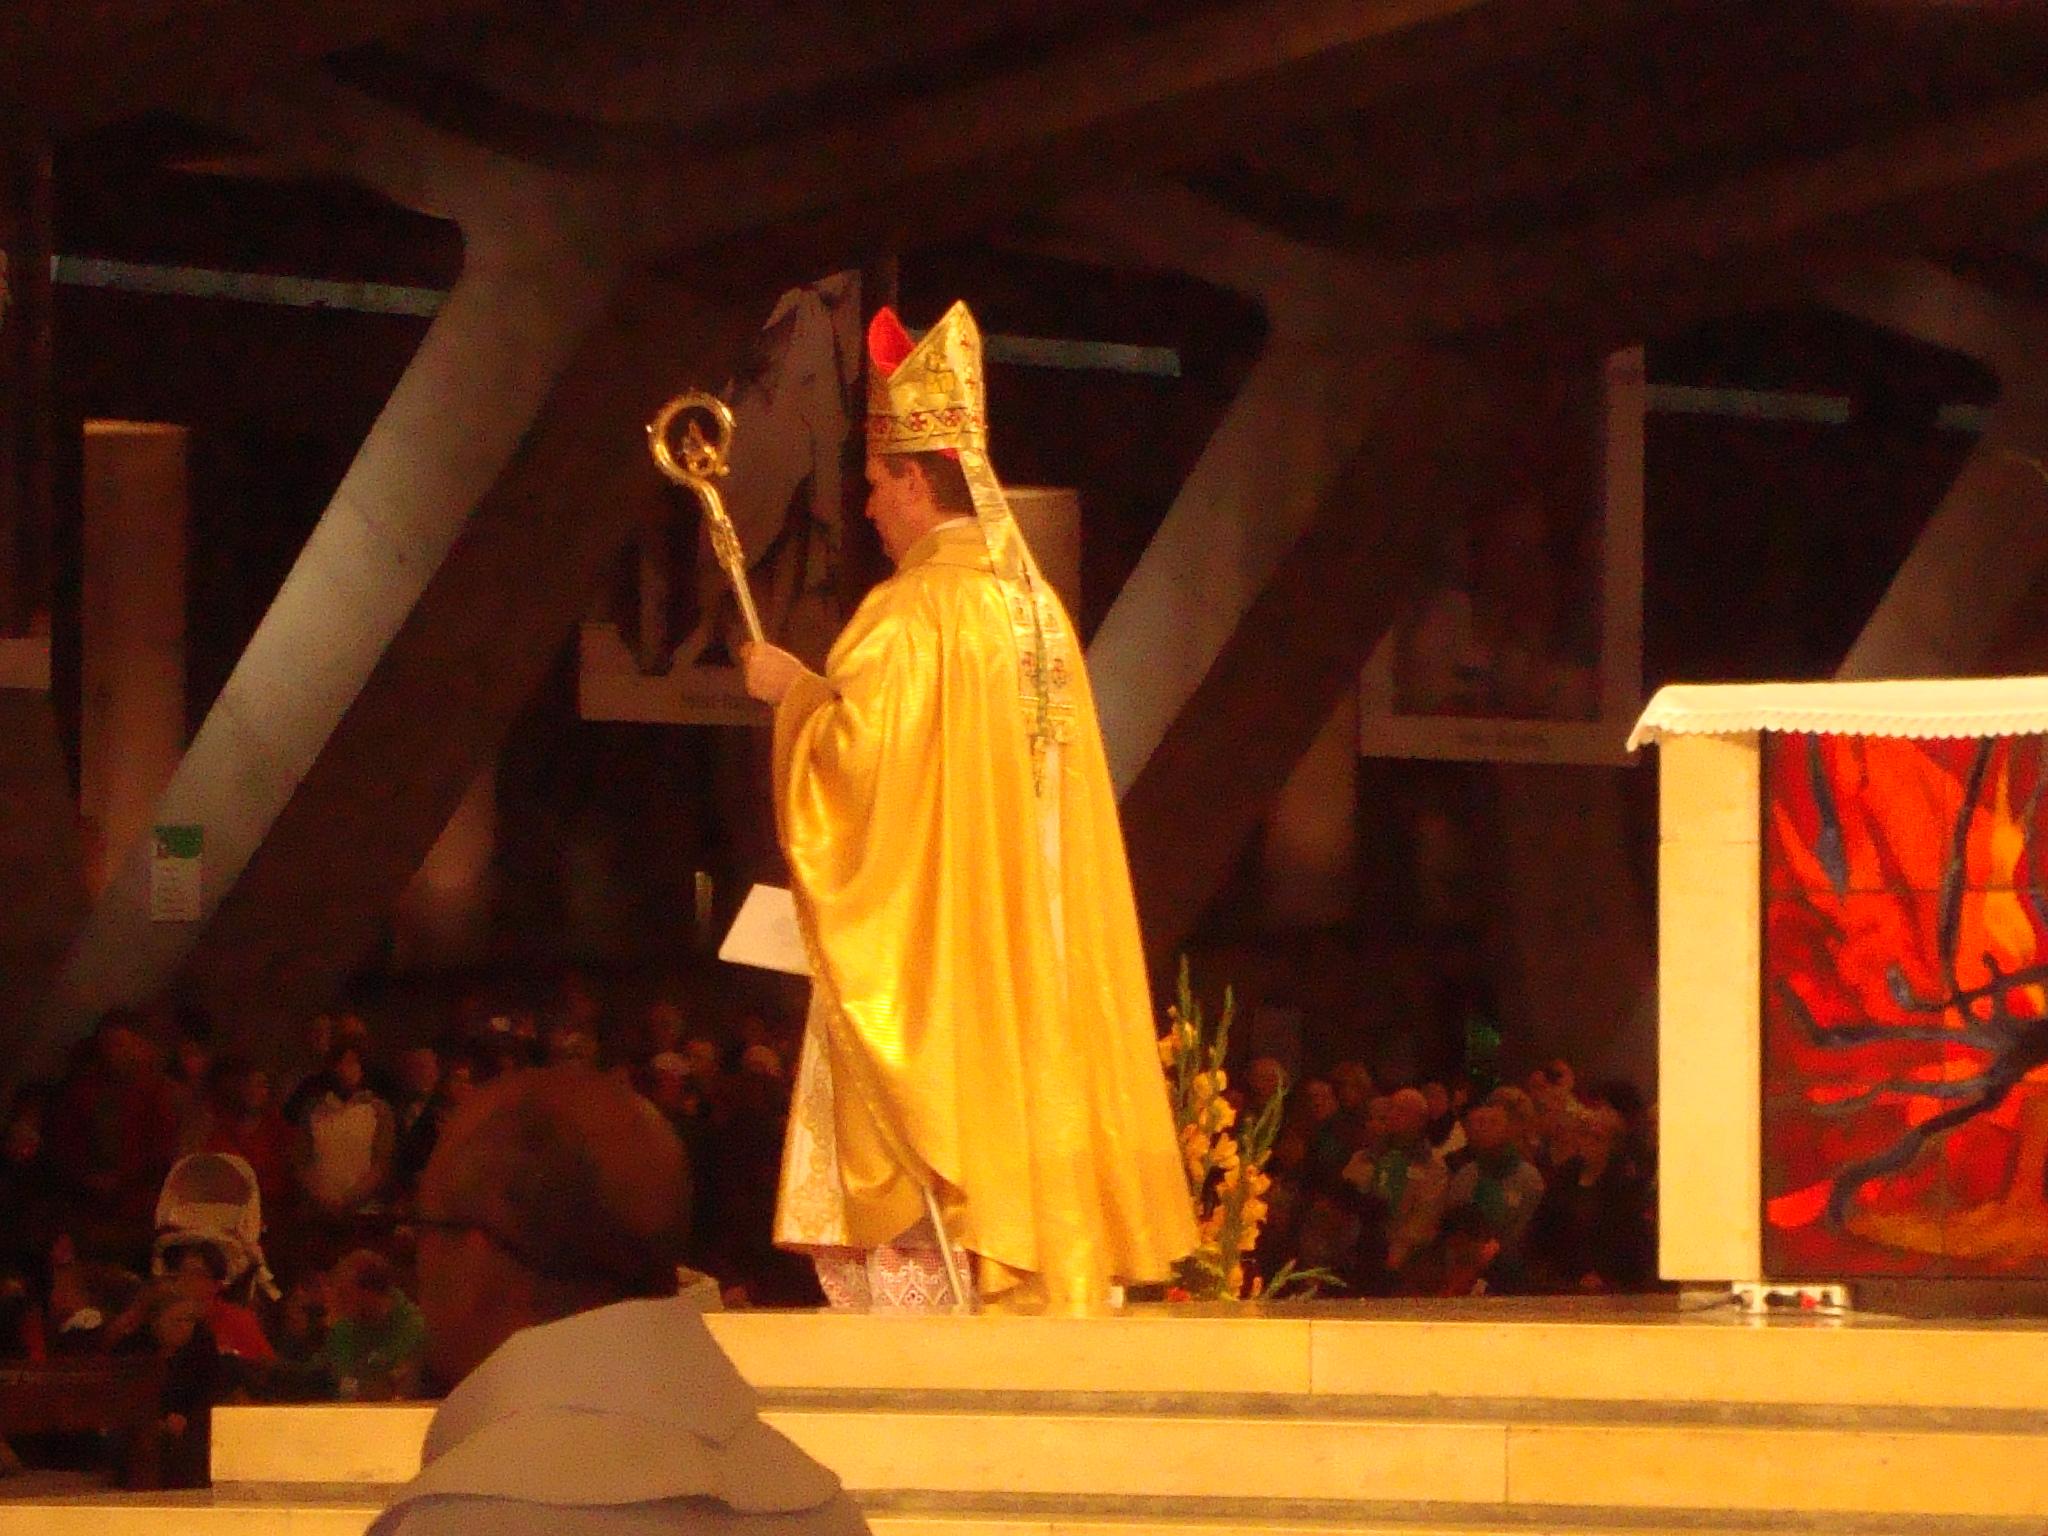 Bischof als Vorsteher des internationalen Gottesdienstes